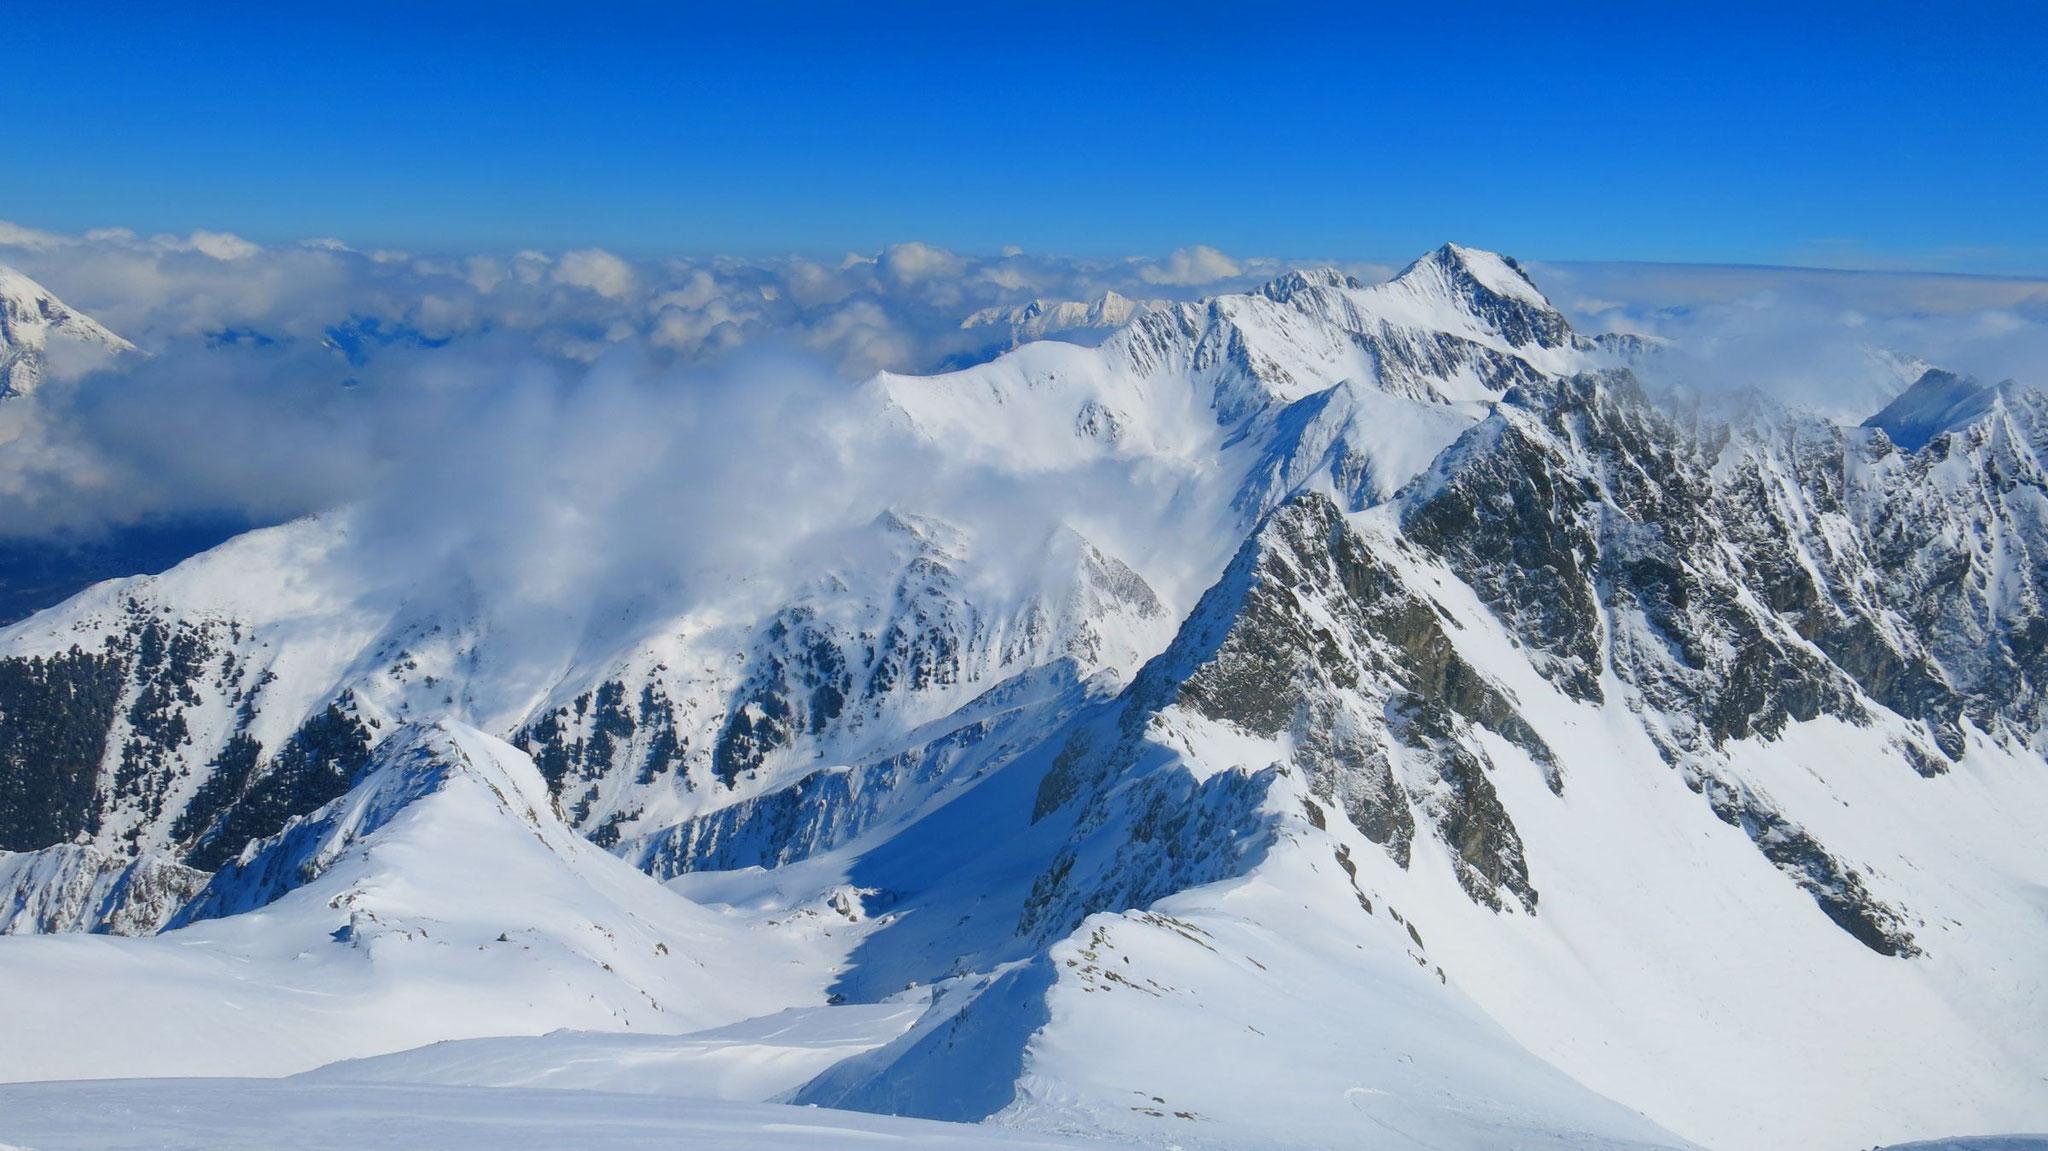 Nordabfahrt durchs Schneetal